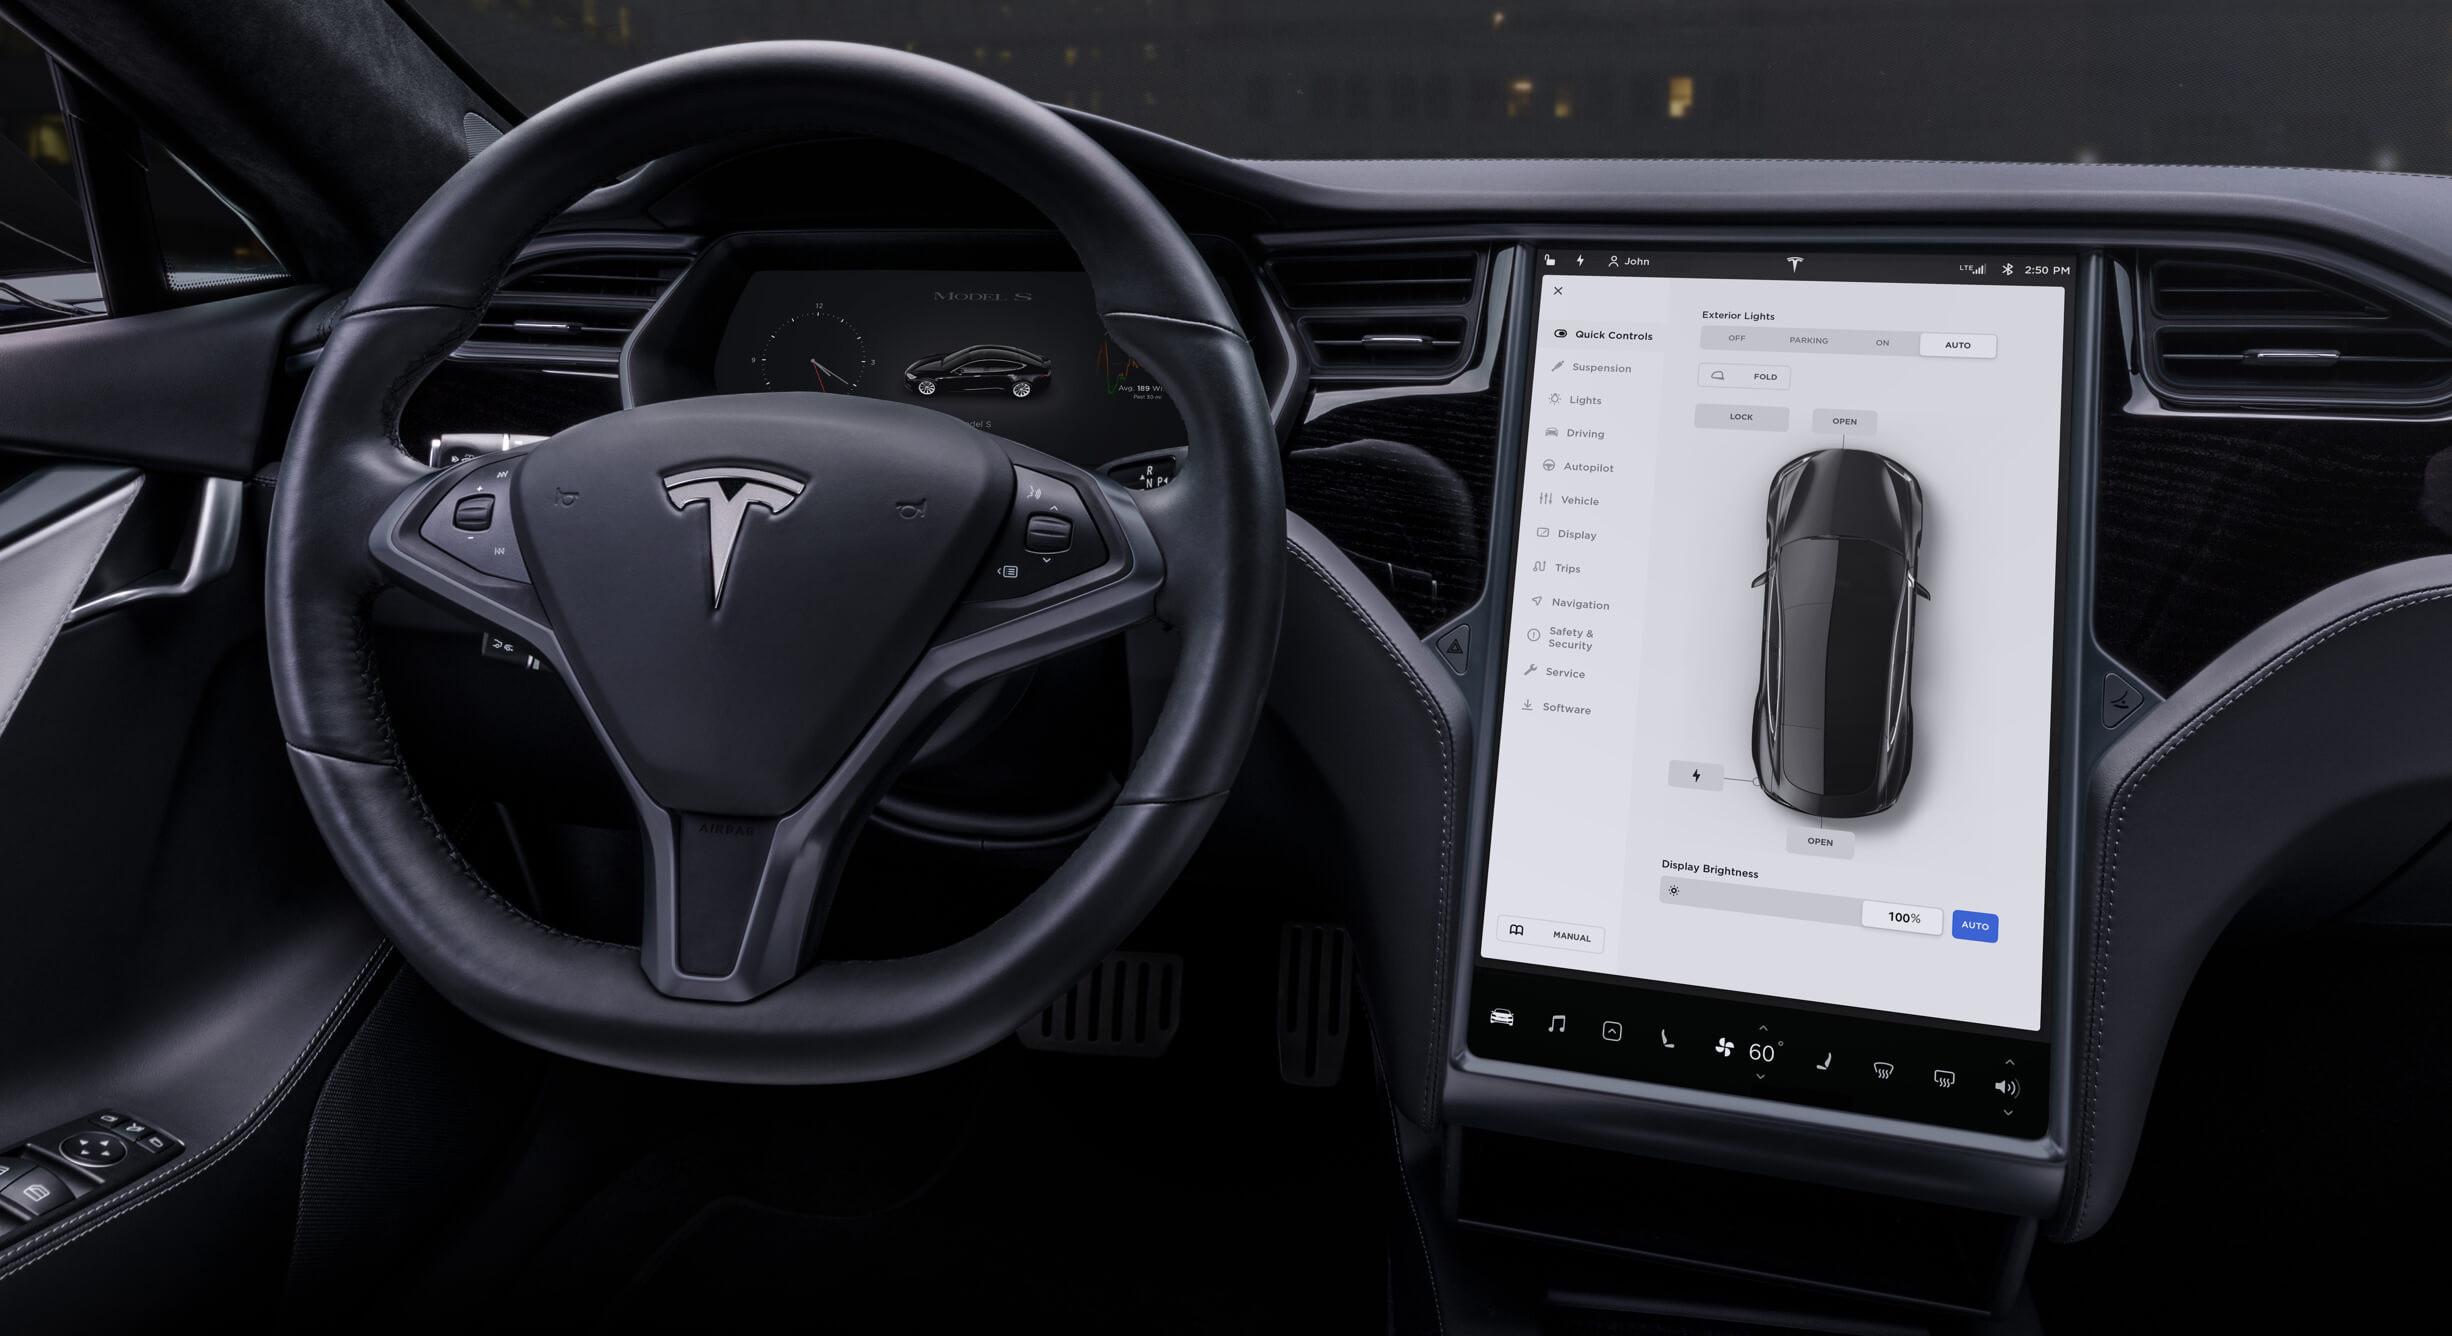 Tesla lanza una actualización de software para que las cámaras de sus coches controlen el límite de velocidad